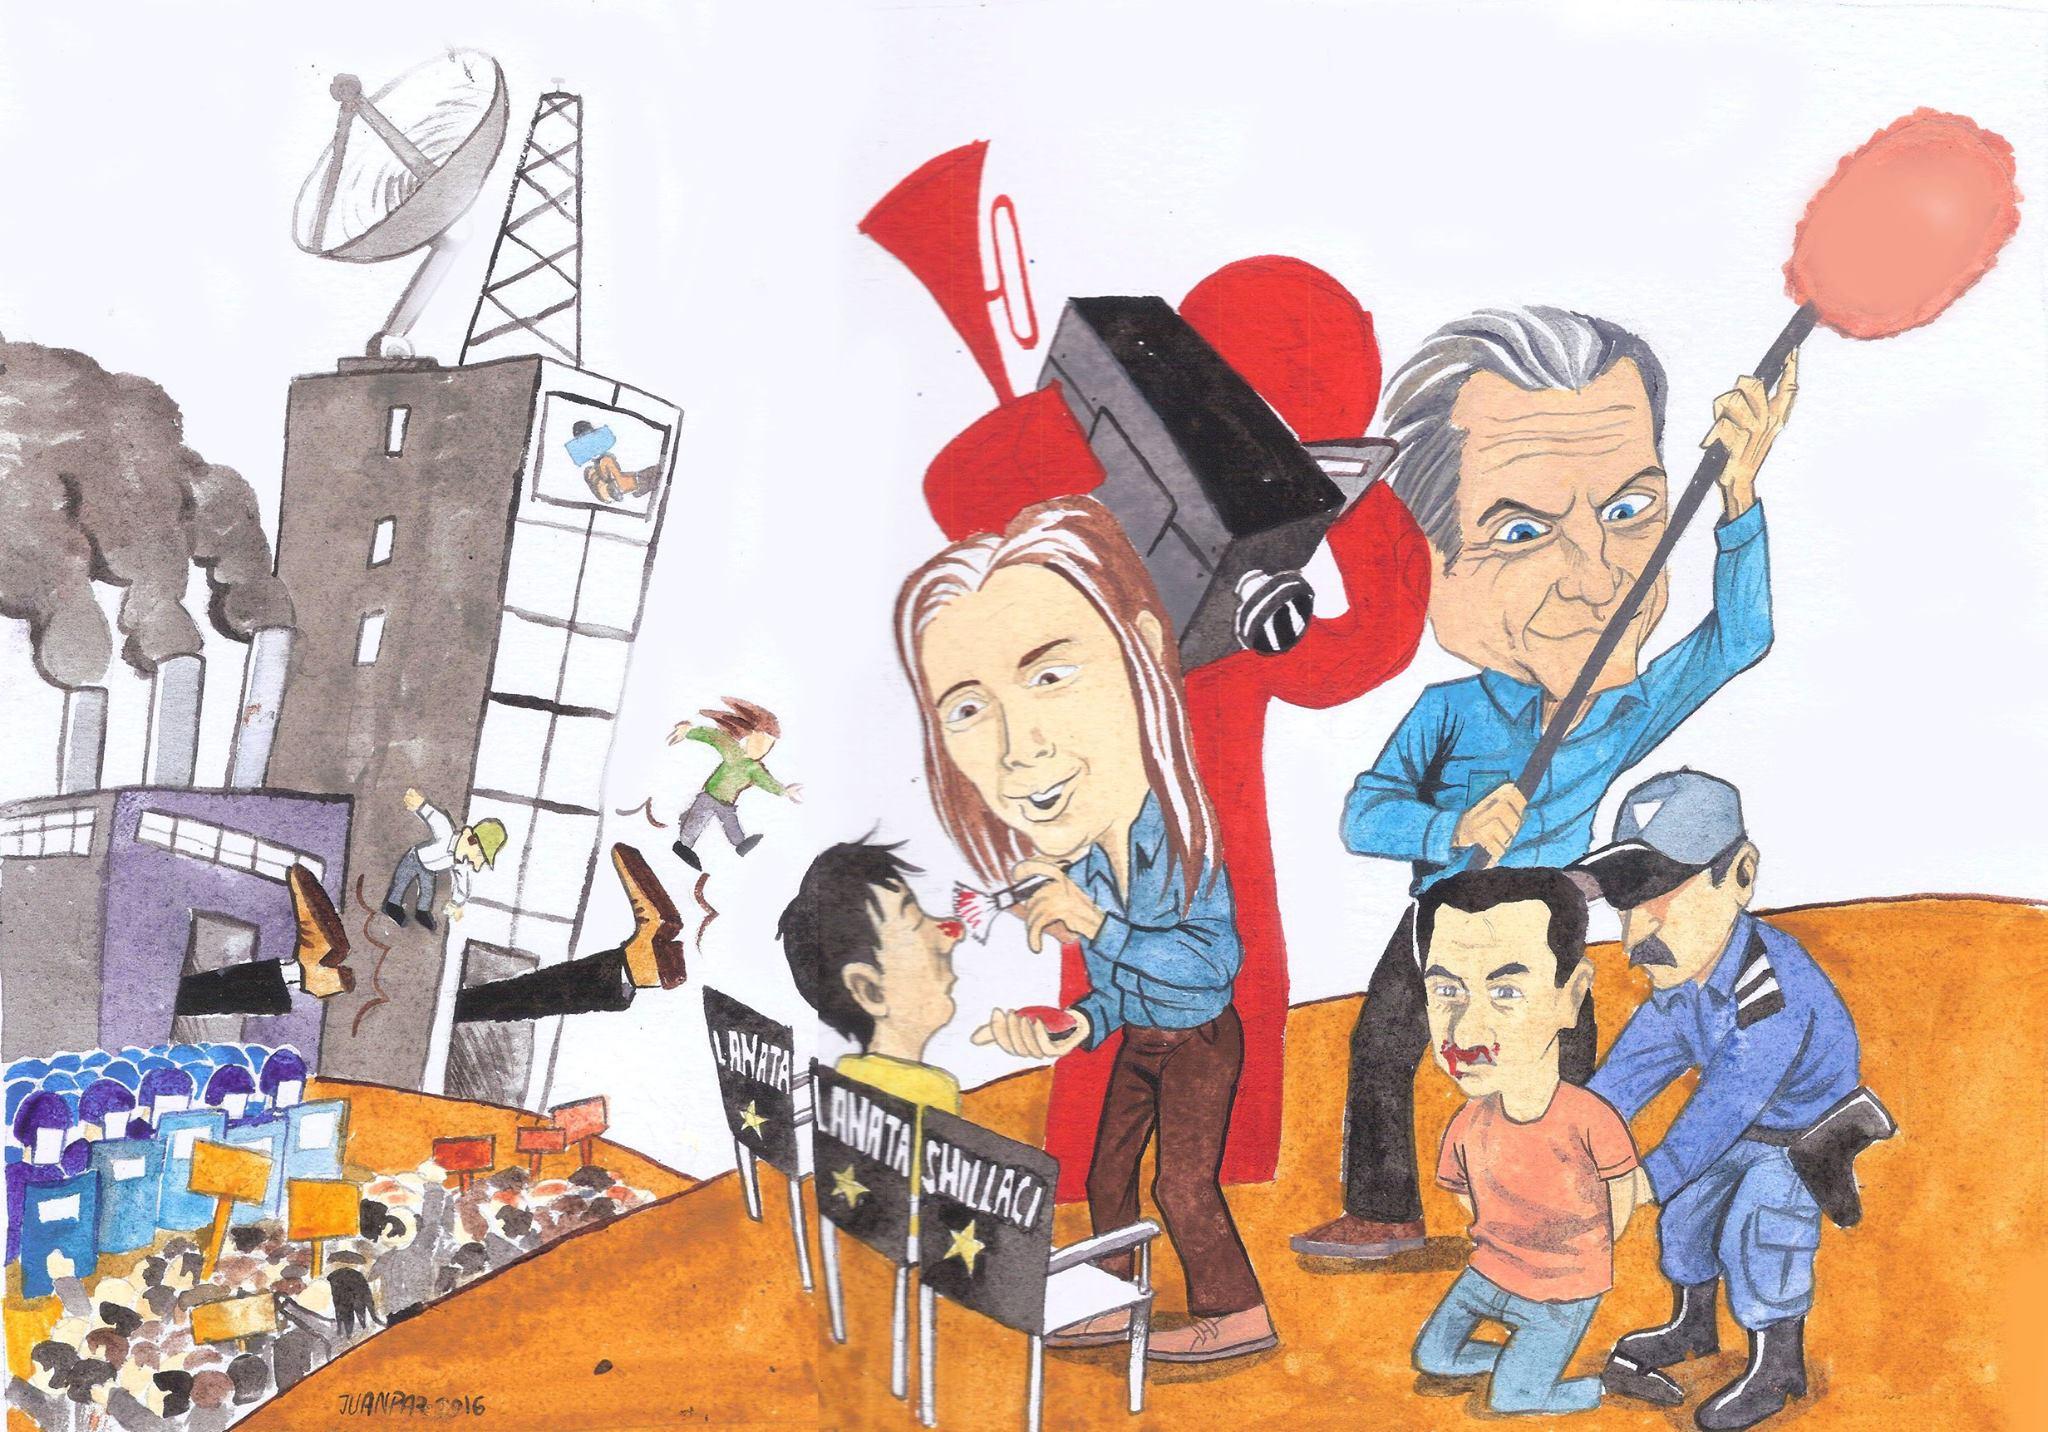 Juan Paz Ilustración 12